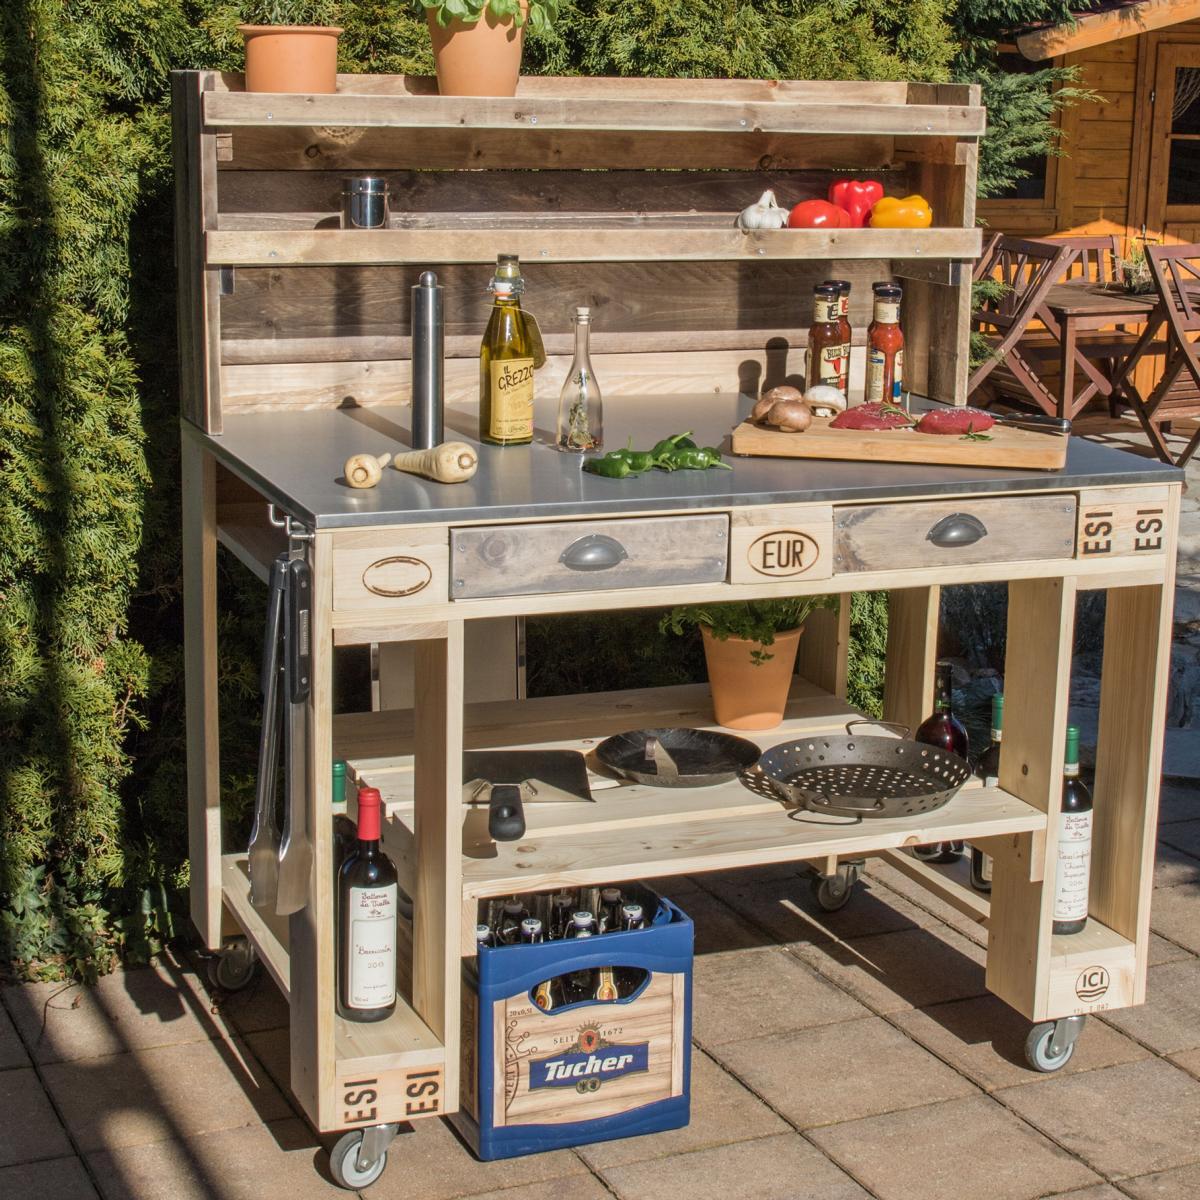 Full Size of Grillwagen Ikea Modulküche Küche Kosten Sofa Mit Schlaffunktion Kaufen Miniküche Betten 160x200 Bei Wohnzimmer Grillwagen Ikea